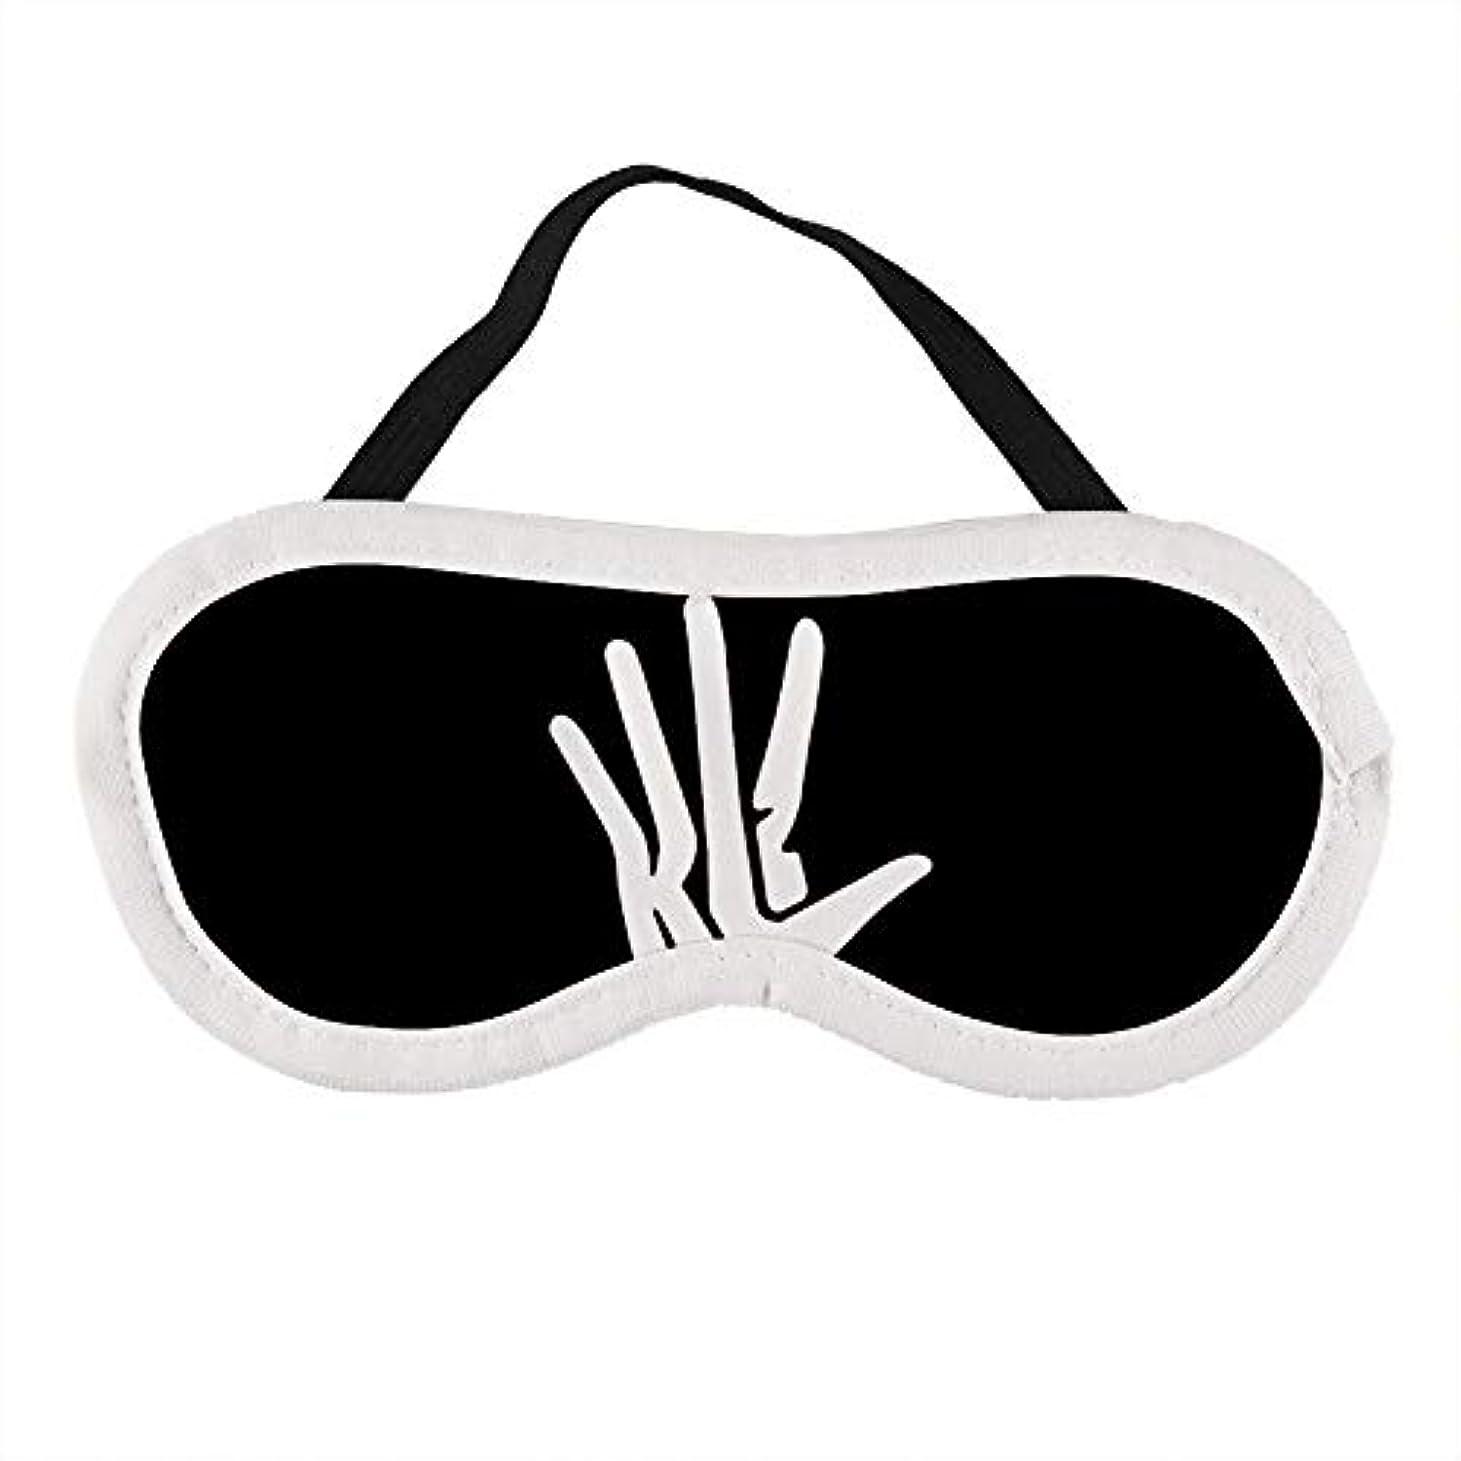 韻アカウント立場カワイ レナード バス 選手 手 ロゴ睡眠旅行のためのファッションソフトスリープアイマスクアイシェード目隠しは、昼寝ブロックライトを作業します